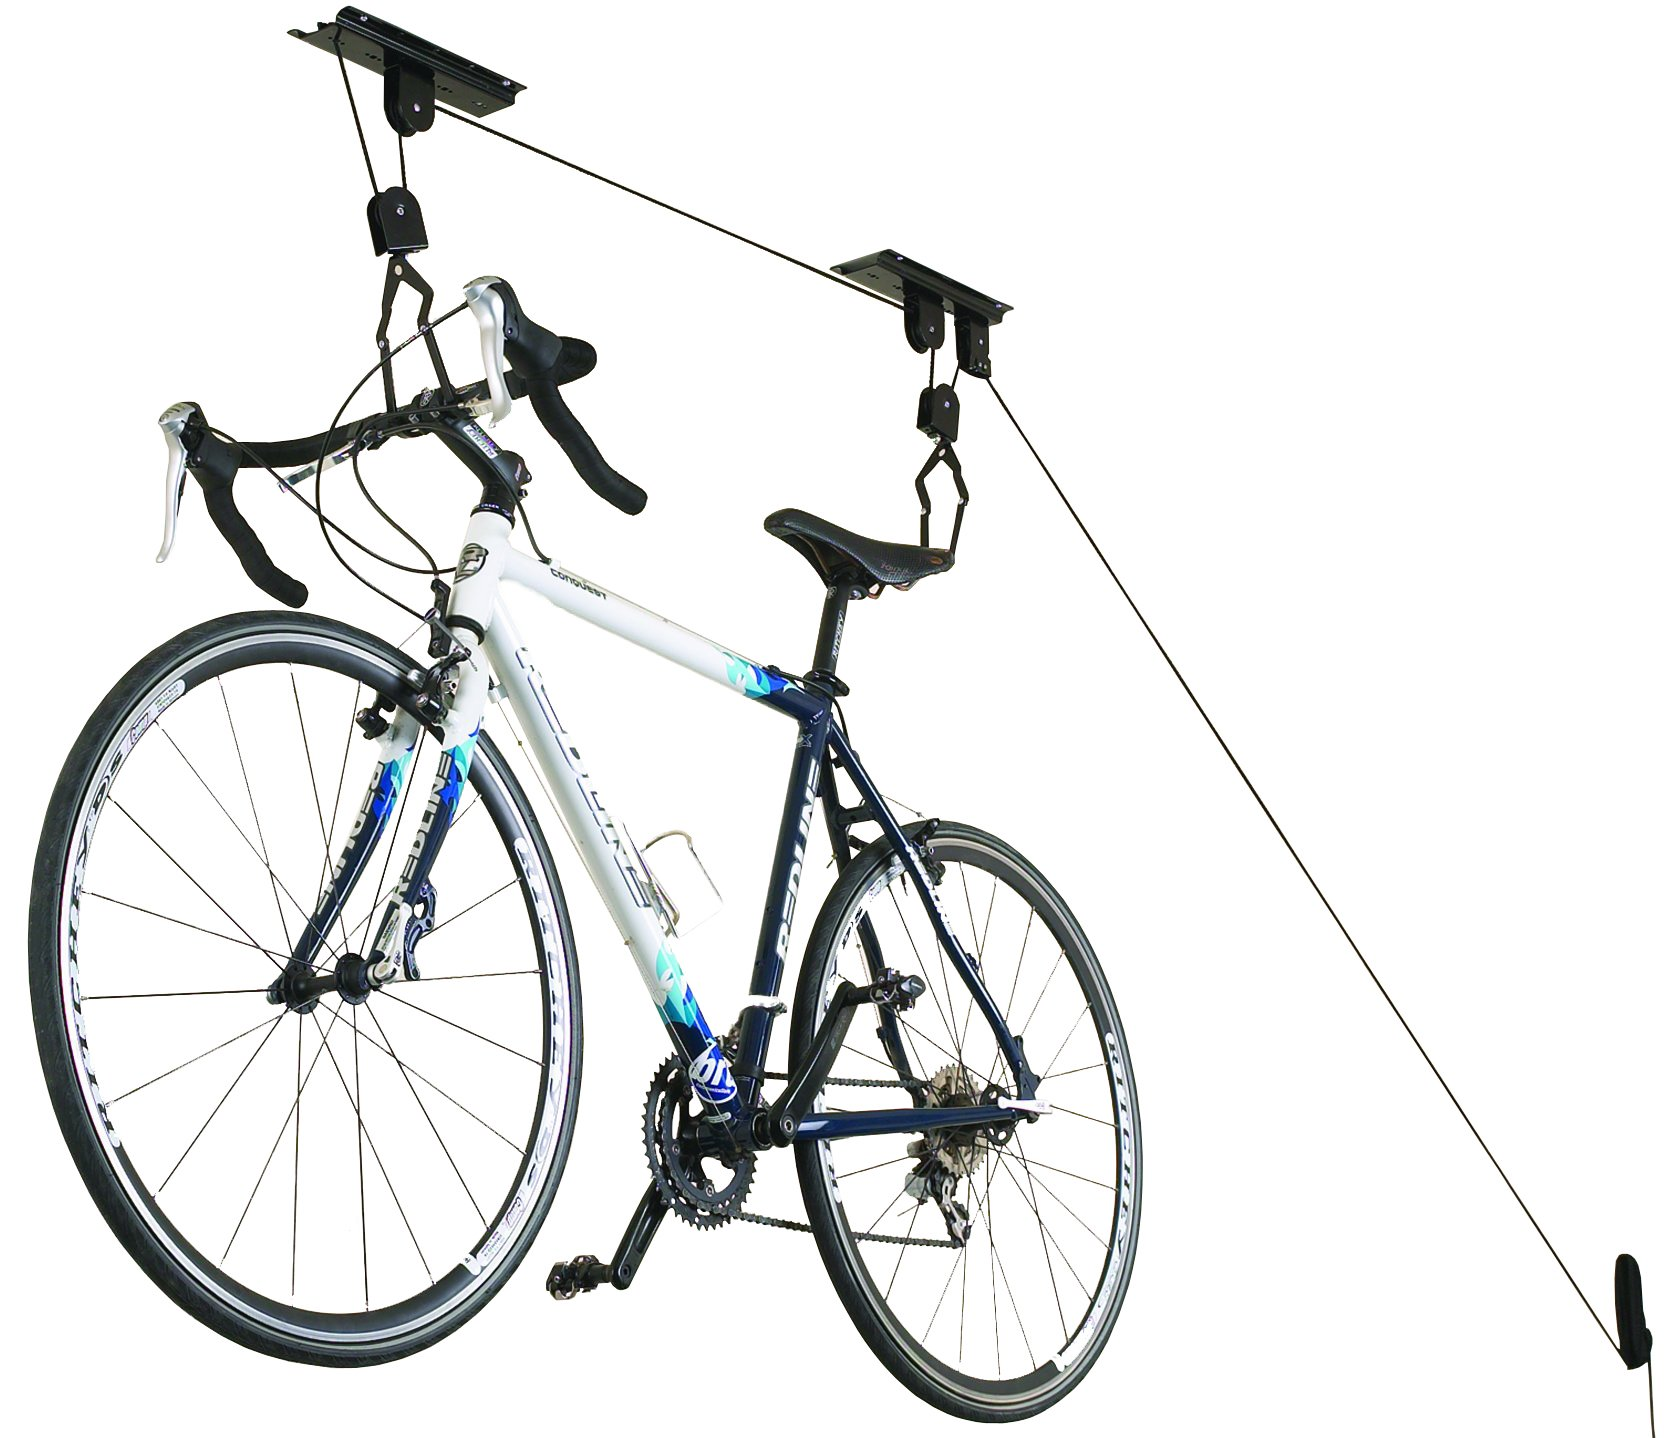 CargoLoc 32515 Ceiling Mount Bike Lift